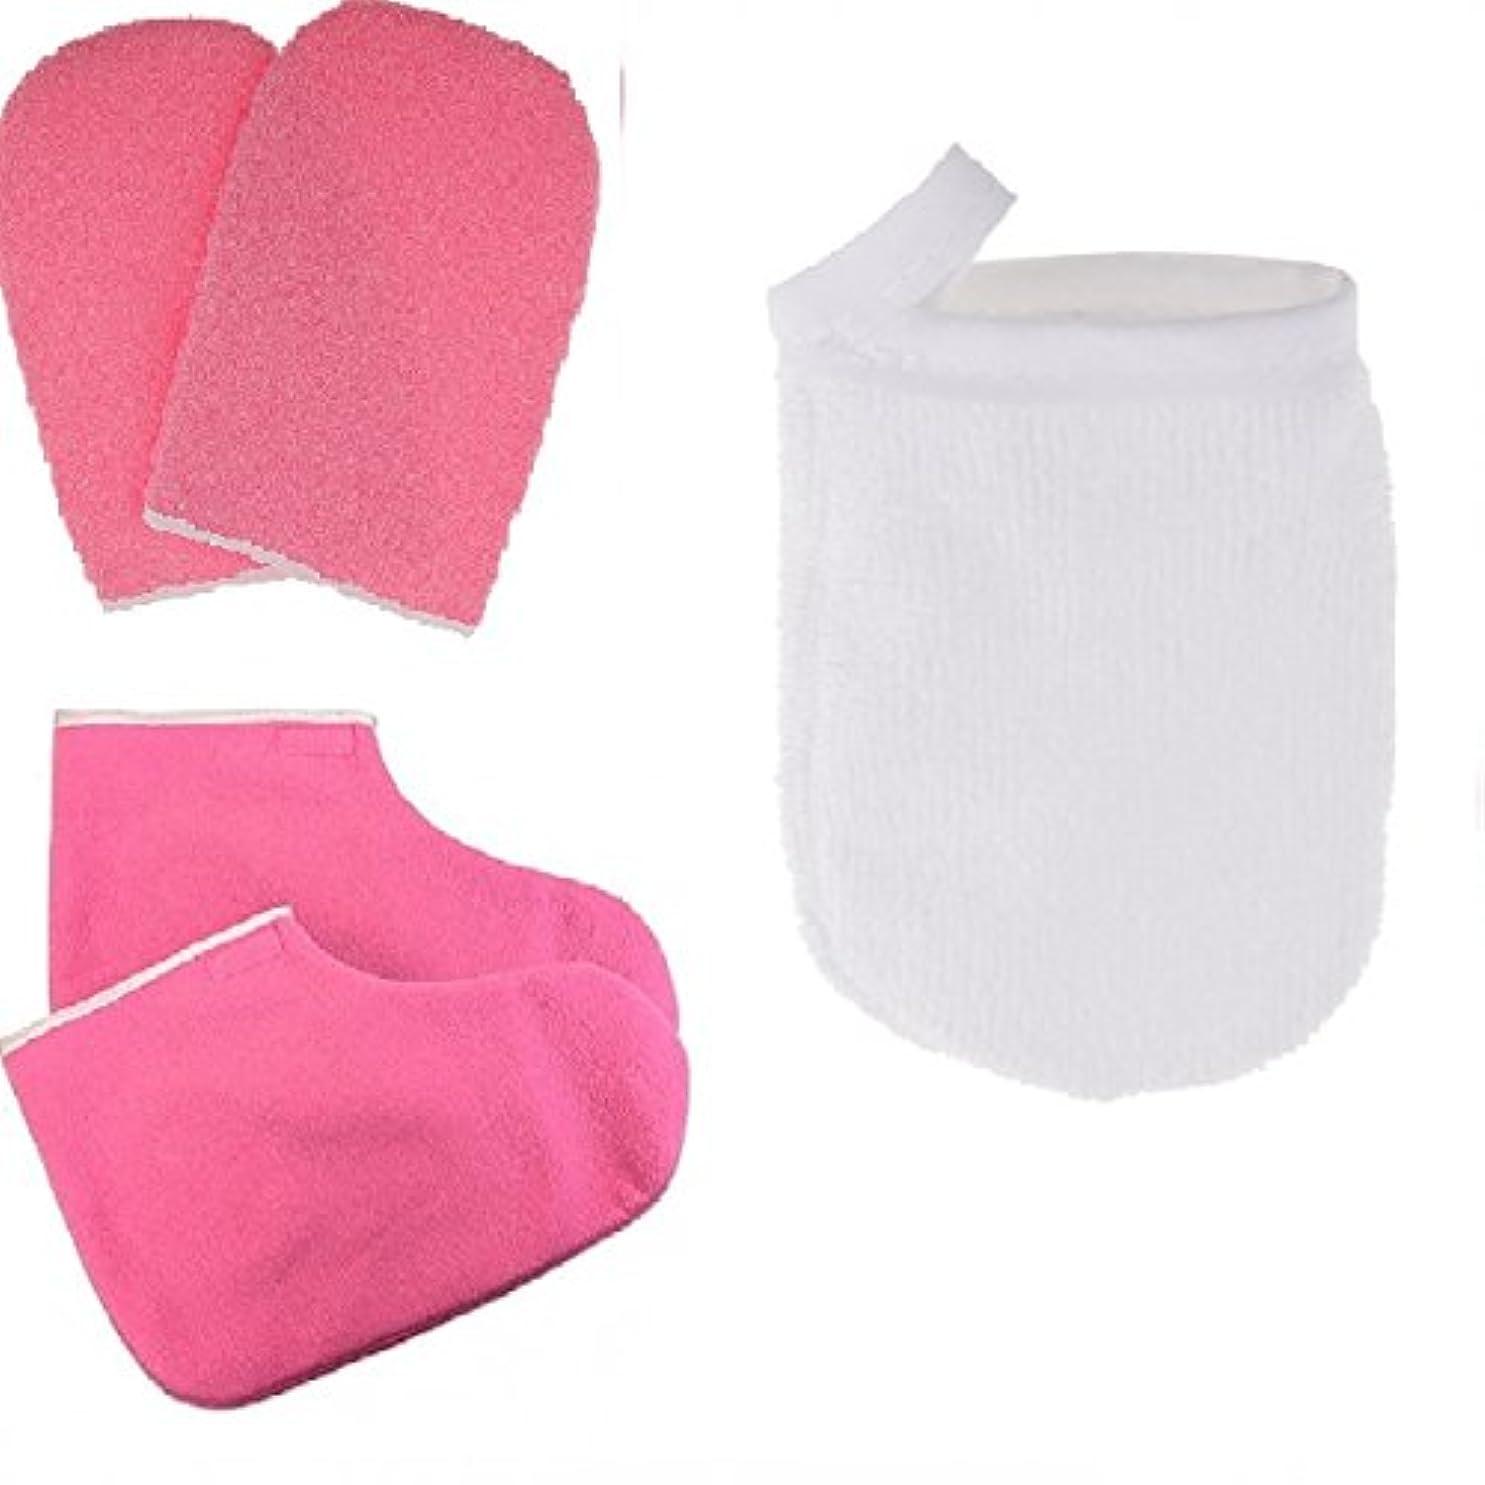 ウェブ苛性愛撫Fenteer パラフィンワックス手袋 グローブ 保護手袋 クレンジンググローブ メイクリムーバー パッド